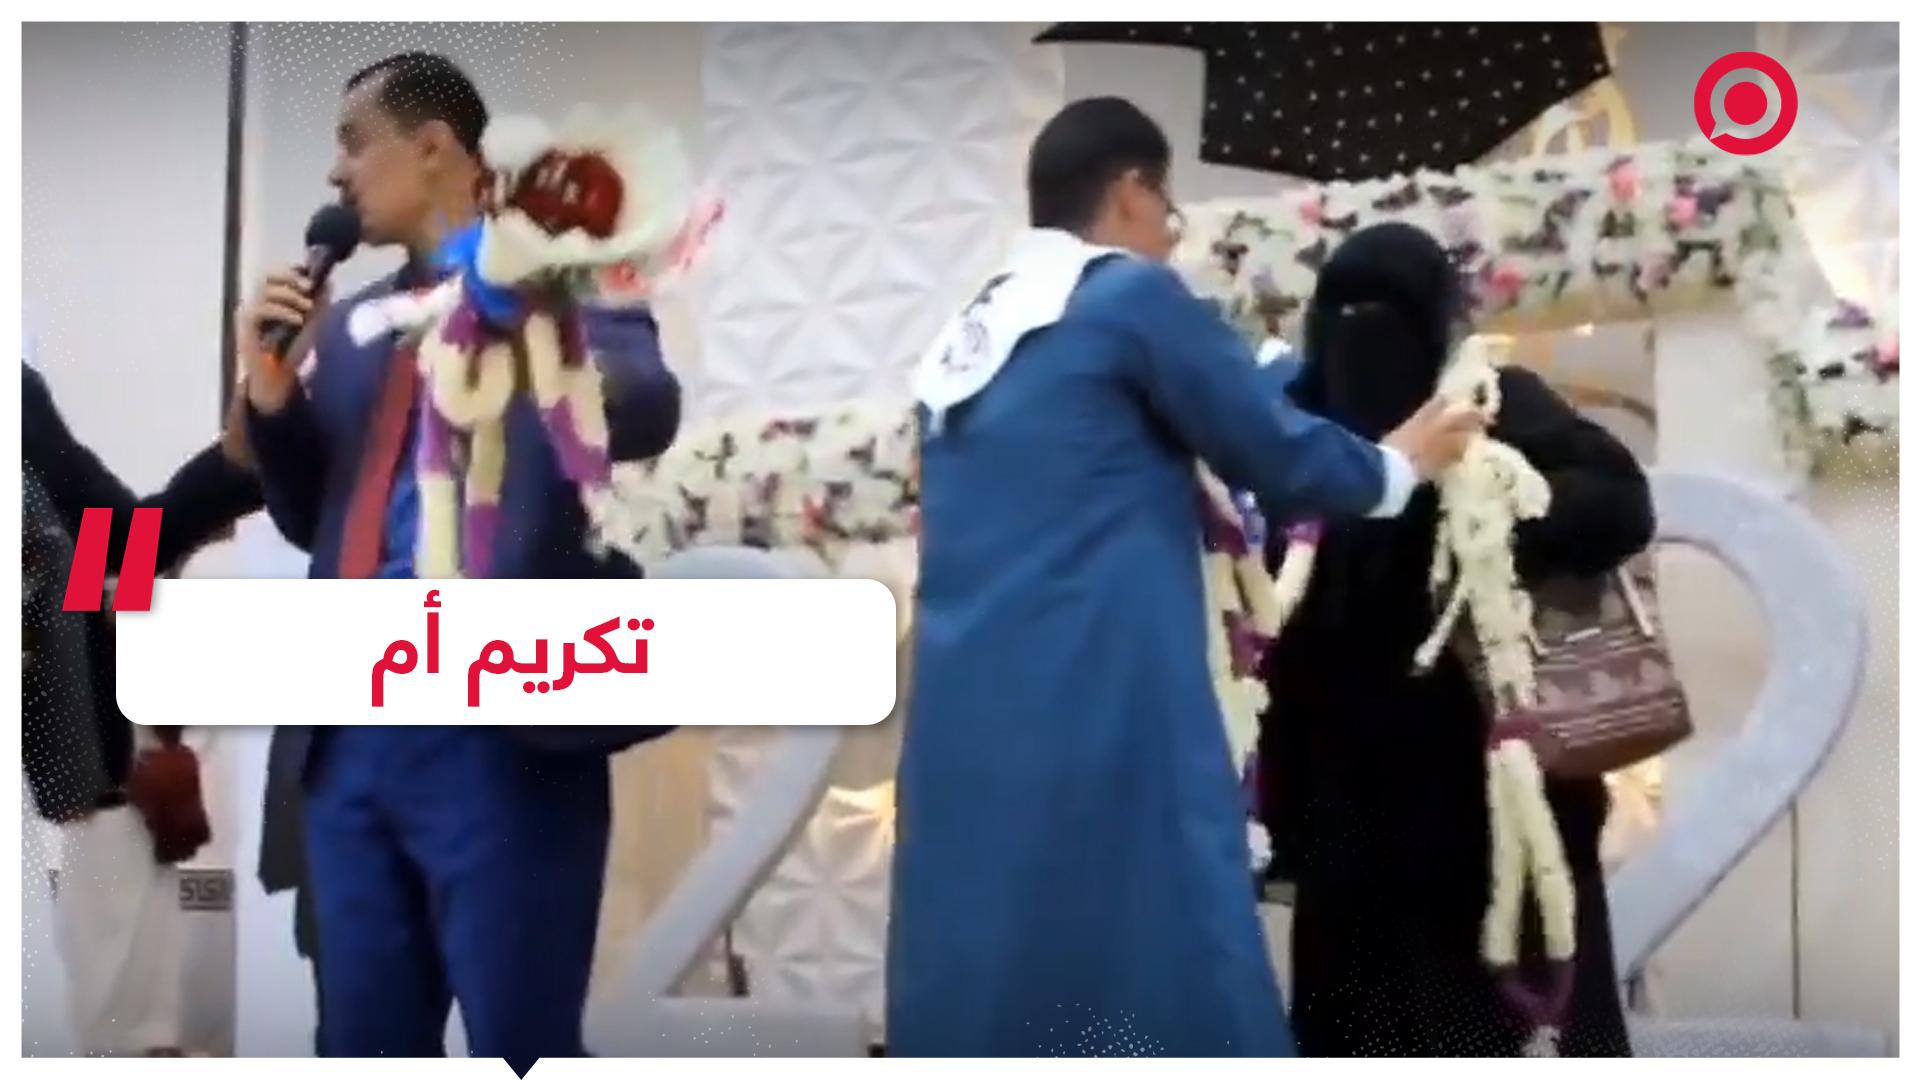 فيديو مؤثر لأم يمنية في حفل تخرج دفعة ابنها المتوفى